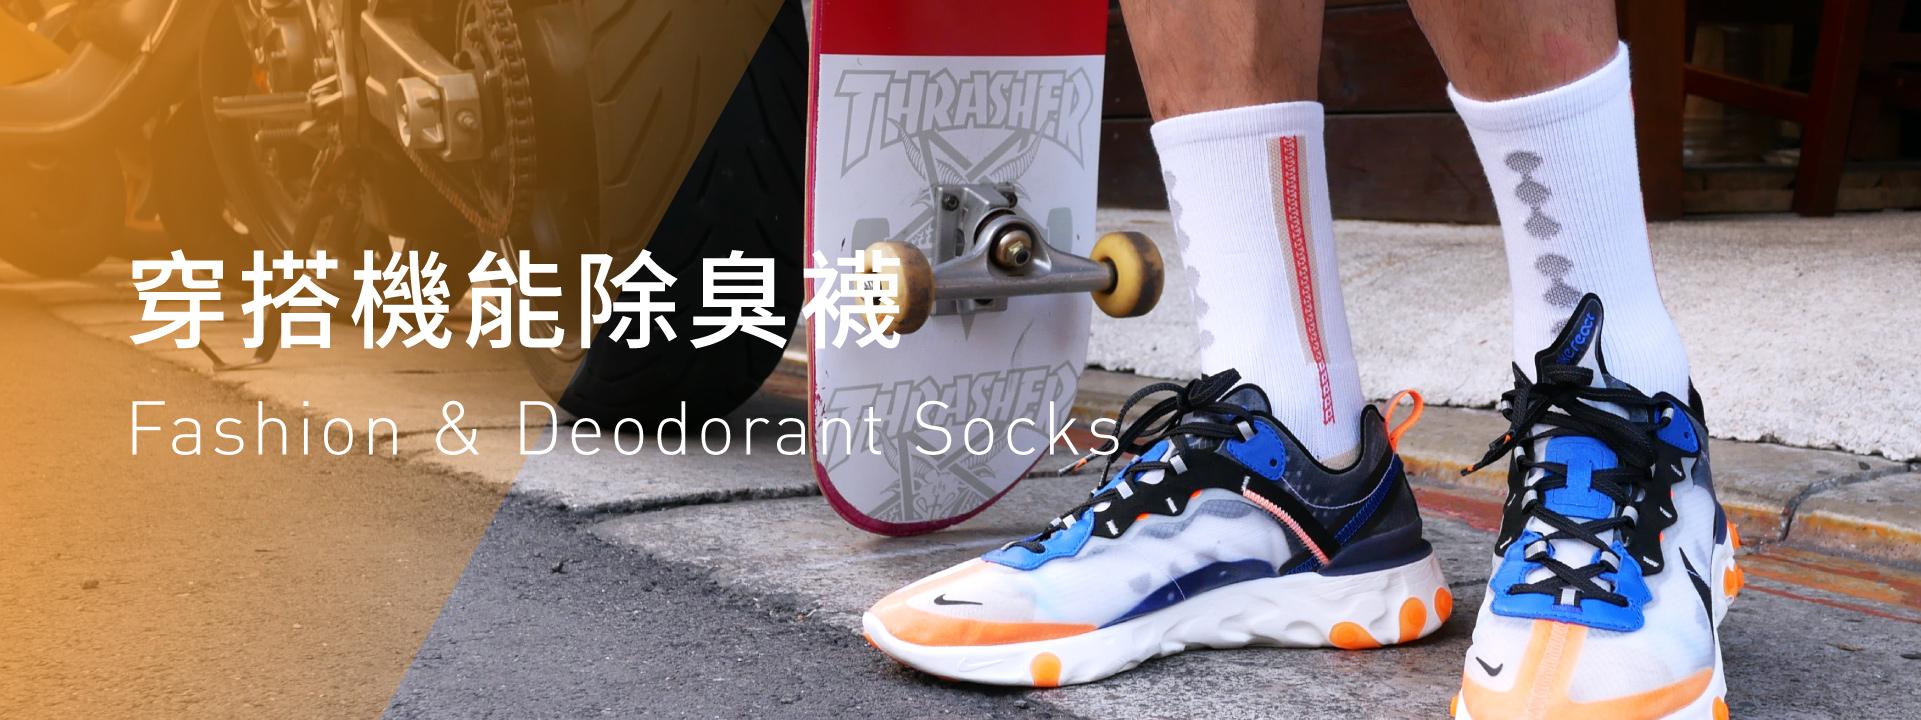 防御工事 Sneaker Buddy 穿搭機能除臭襪